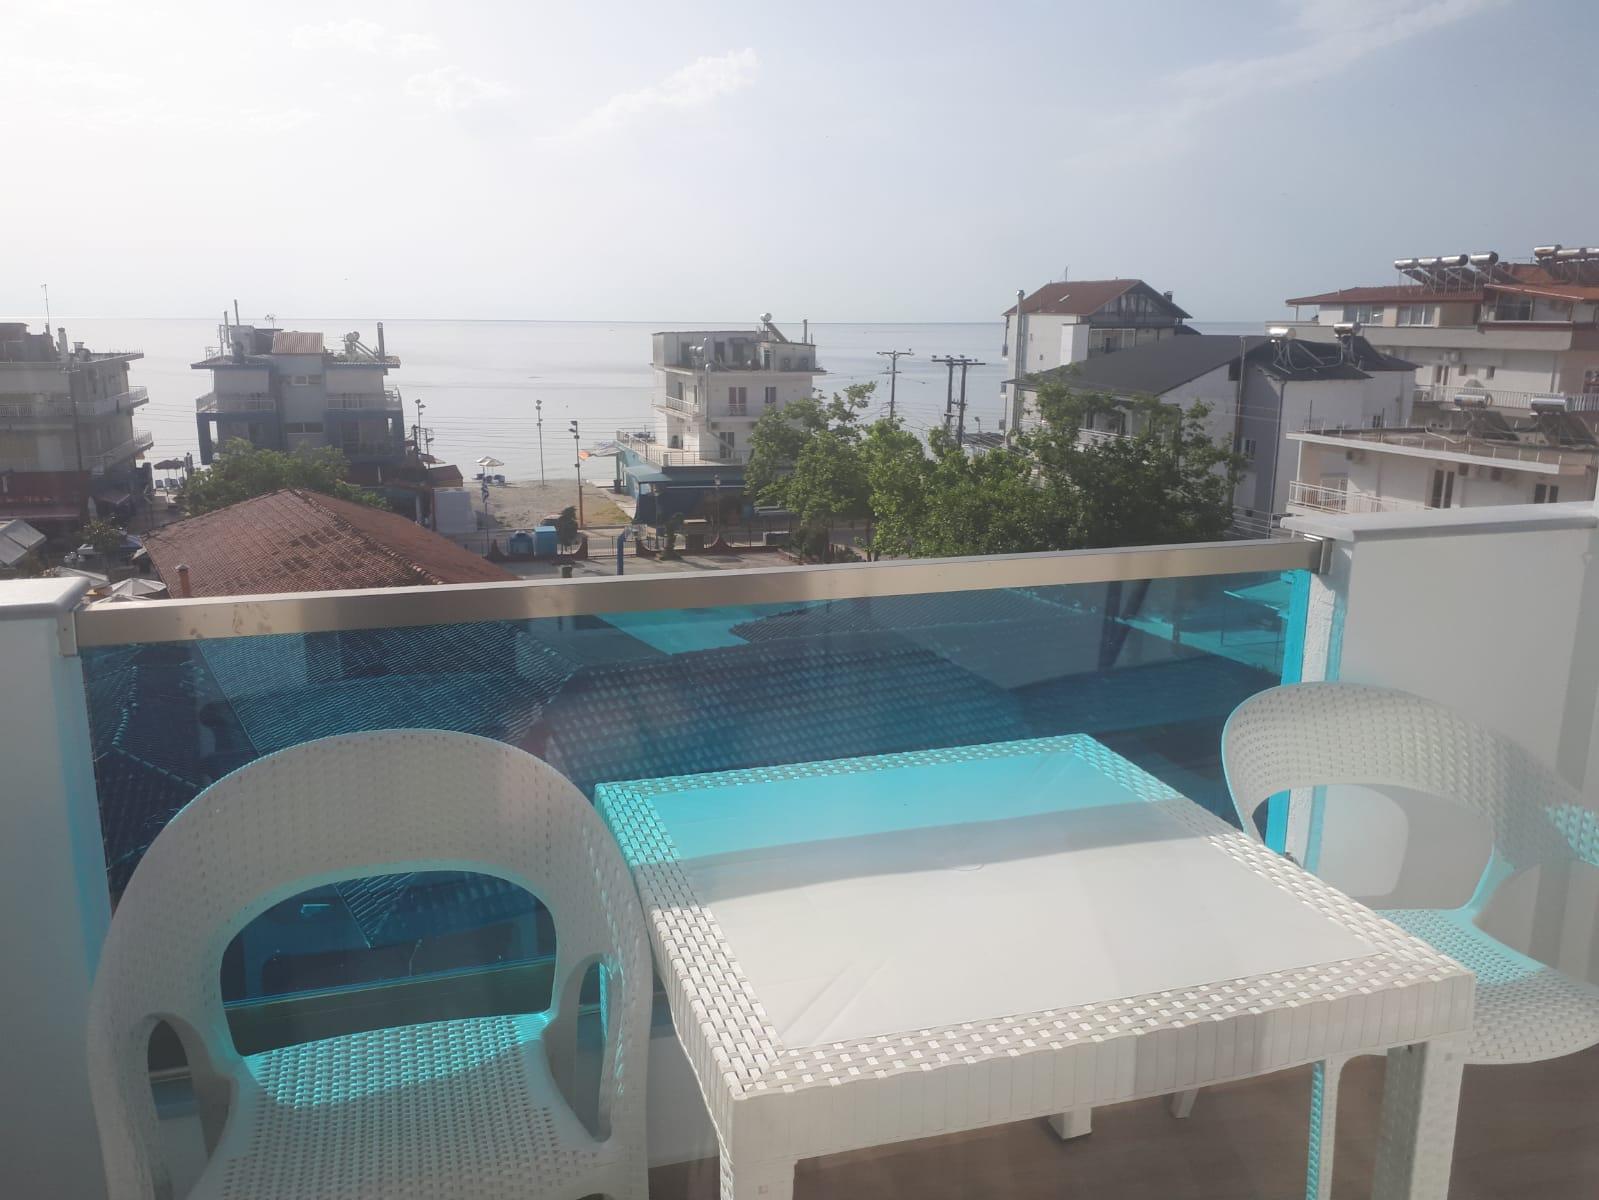 balcon vedere mare